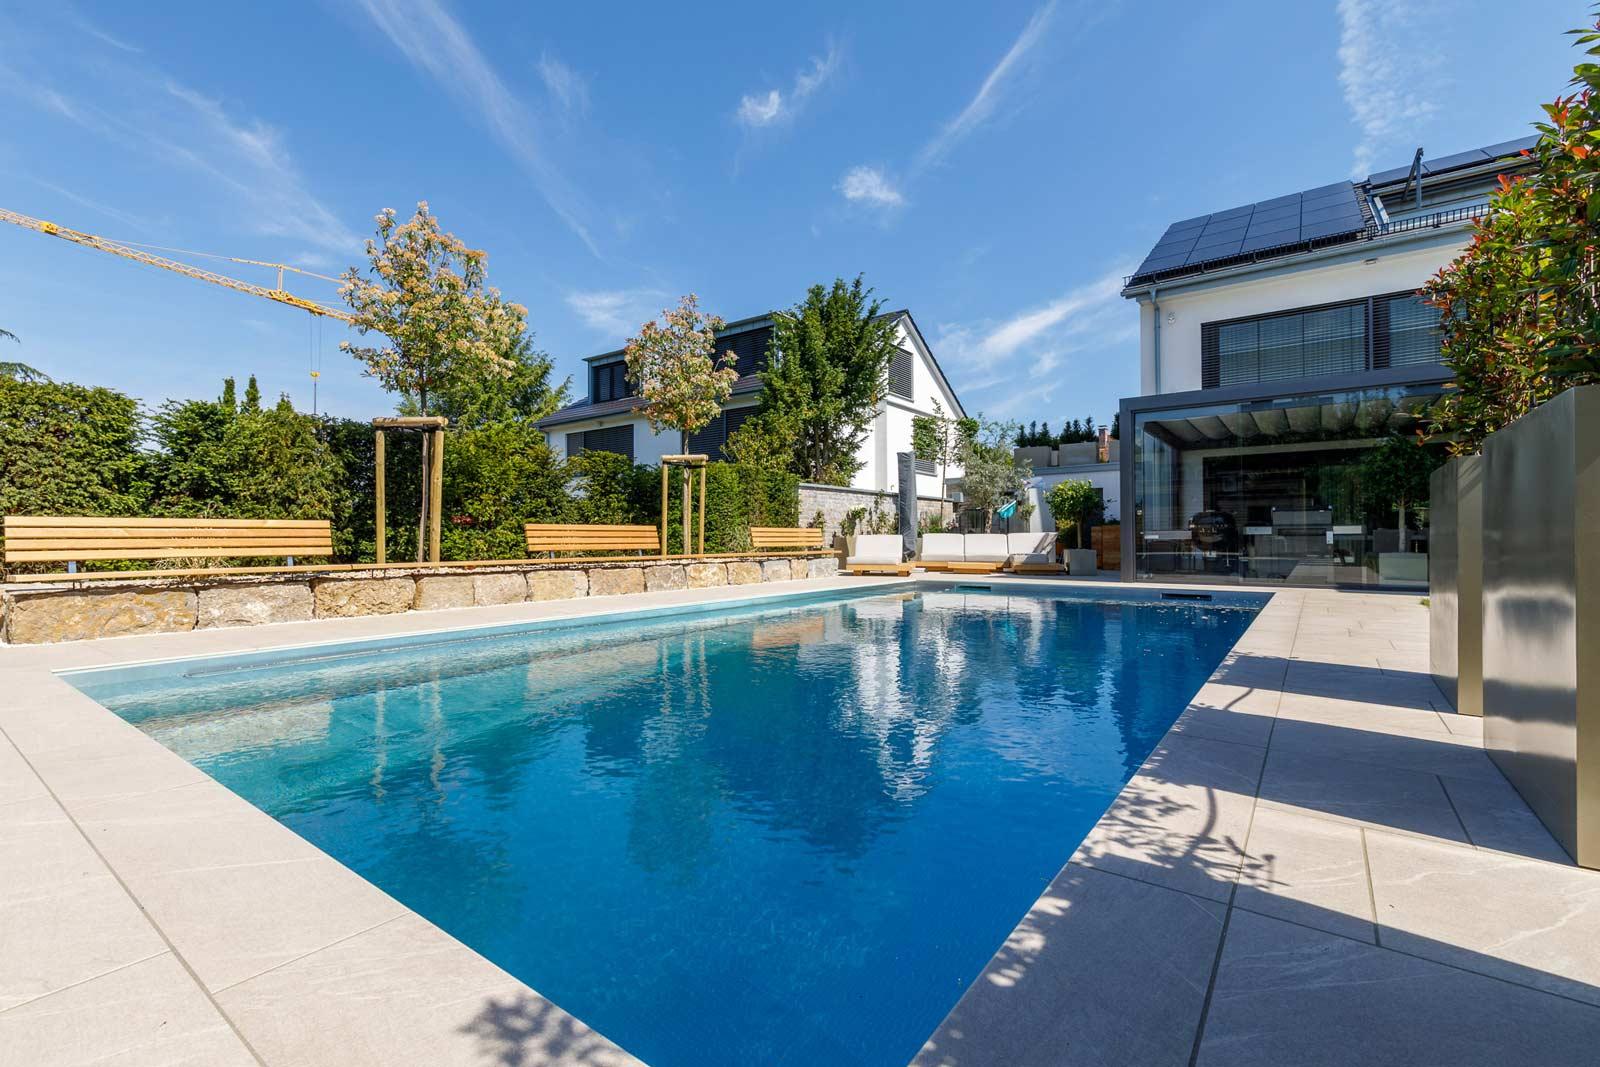 Swimmingpool in Harmonie mit Haus und Garten